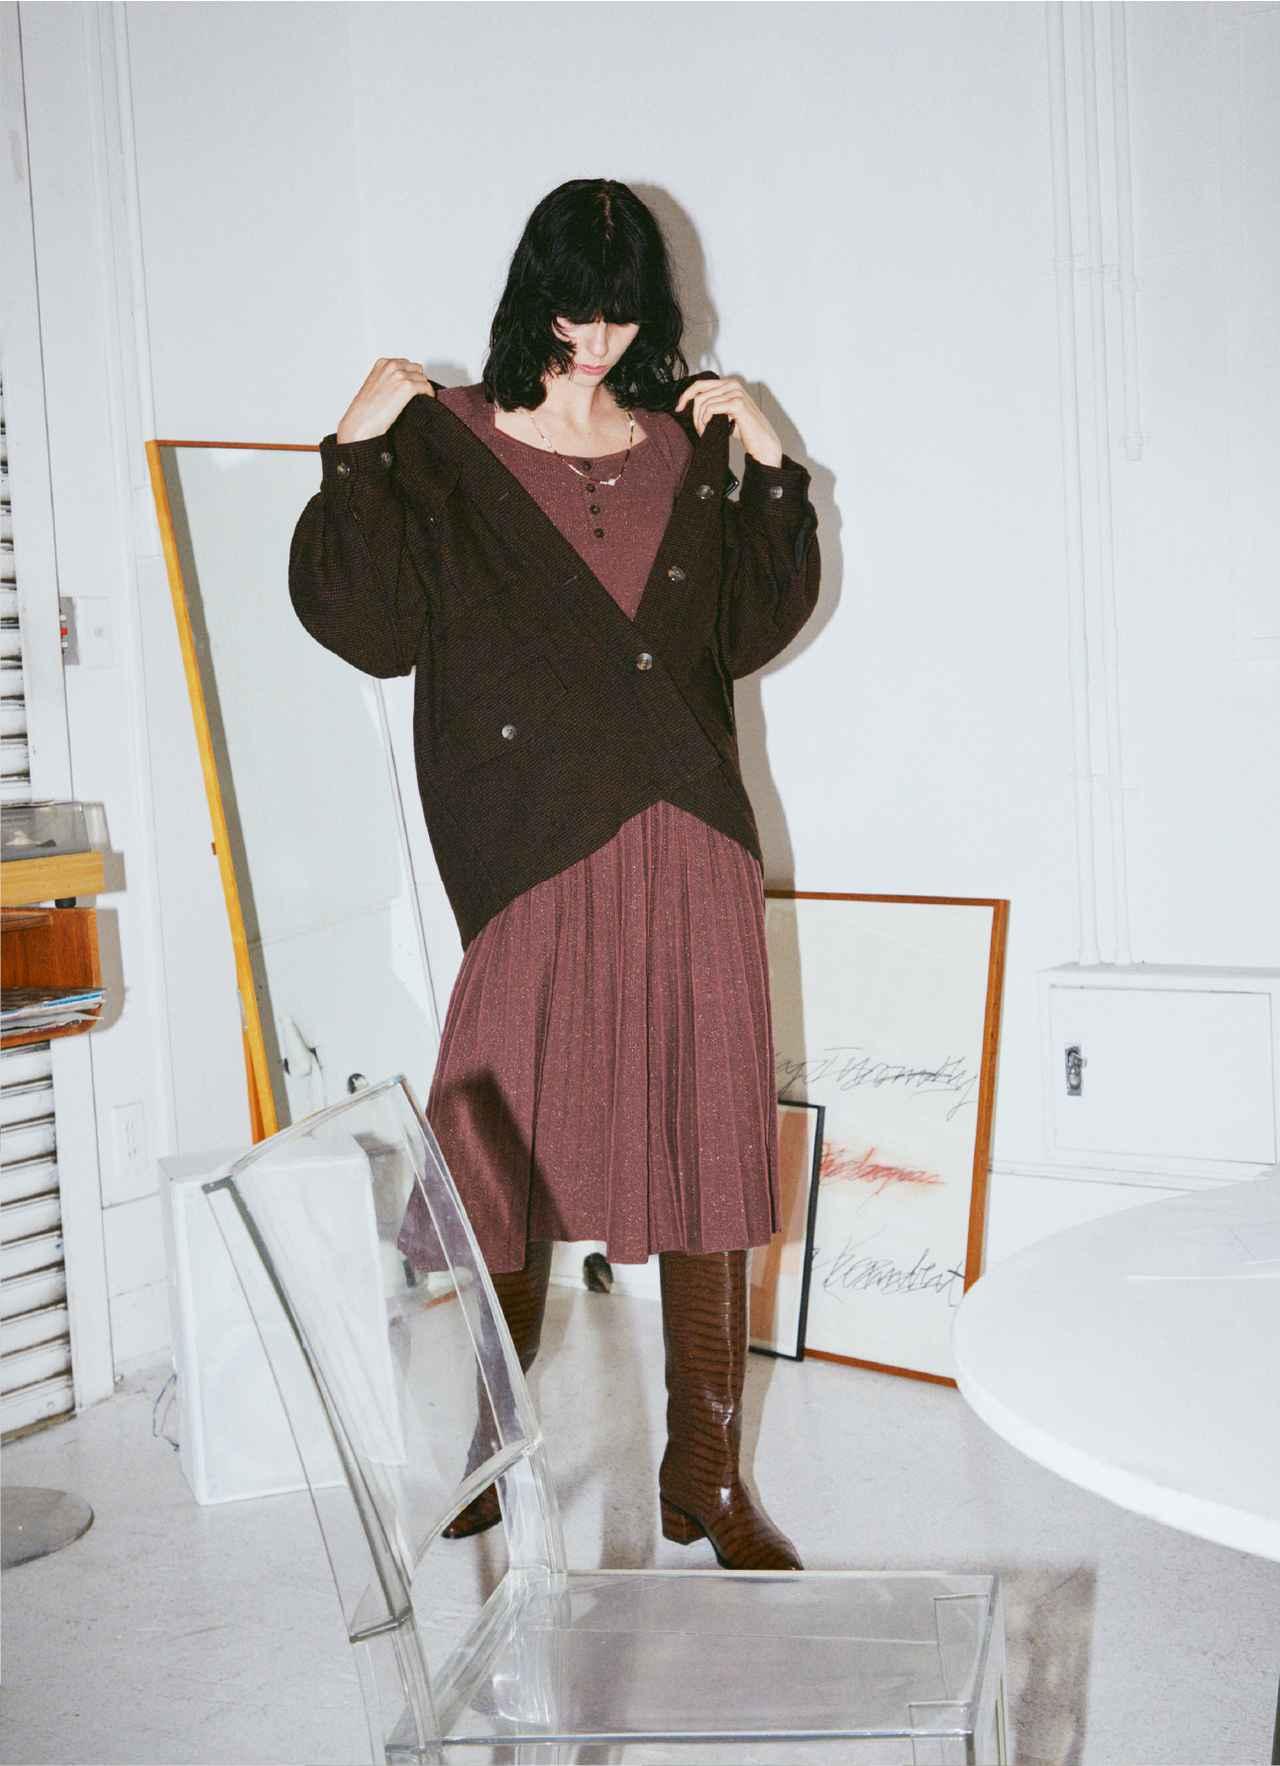 画像: 「オーバーシャツジャケット」¥17,930、「ラメニットワンピース」¥11,880 出典:fashion trend news